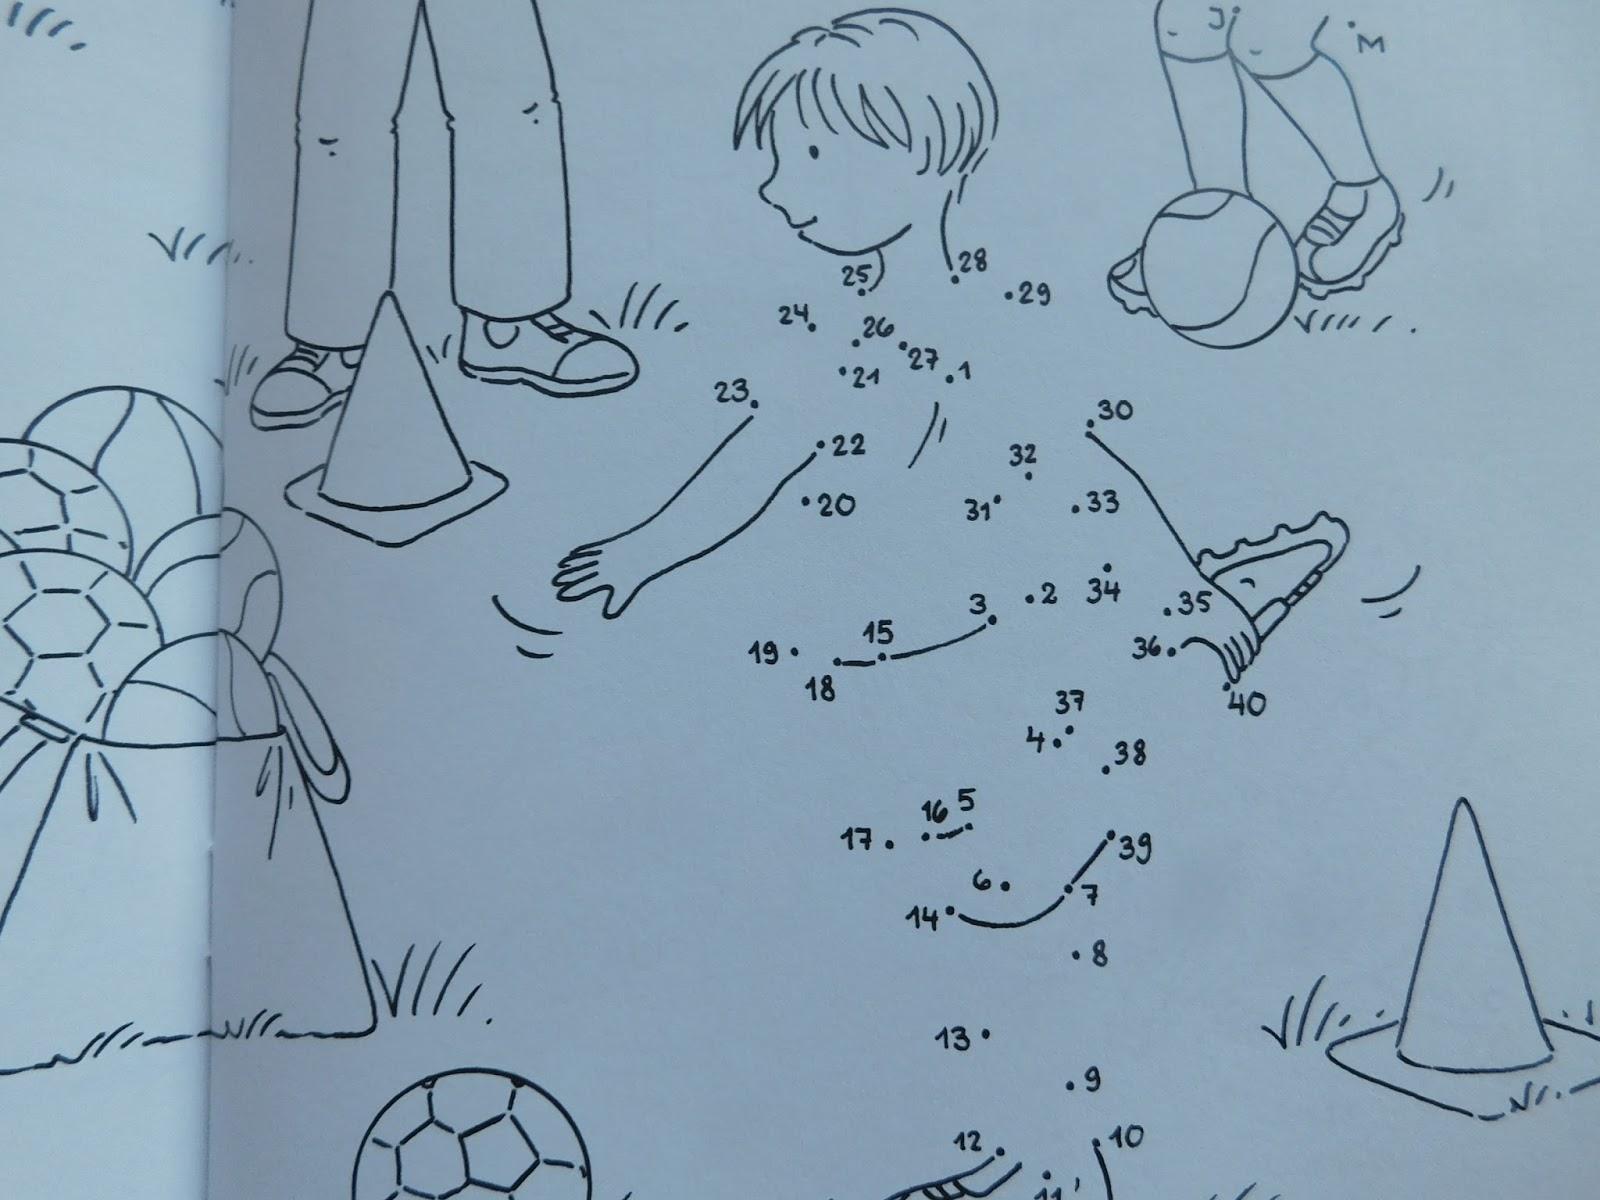 Kinder lieben Fußball - Fußballbücher für Kinder - 3-fach Jungsmami